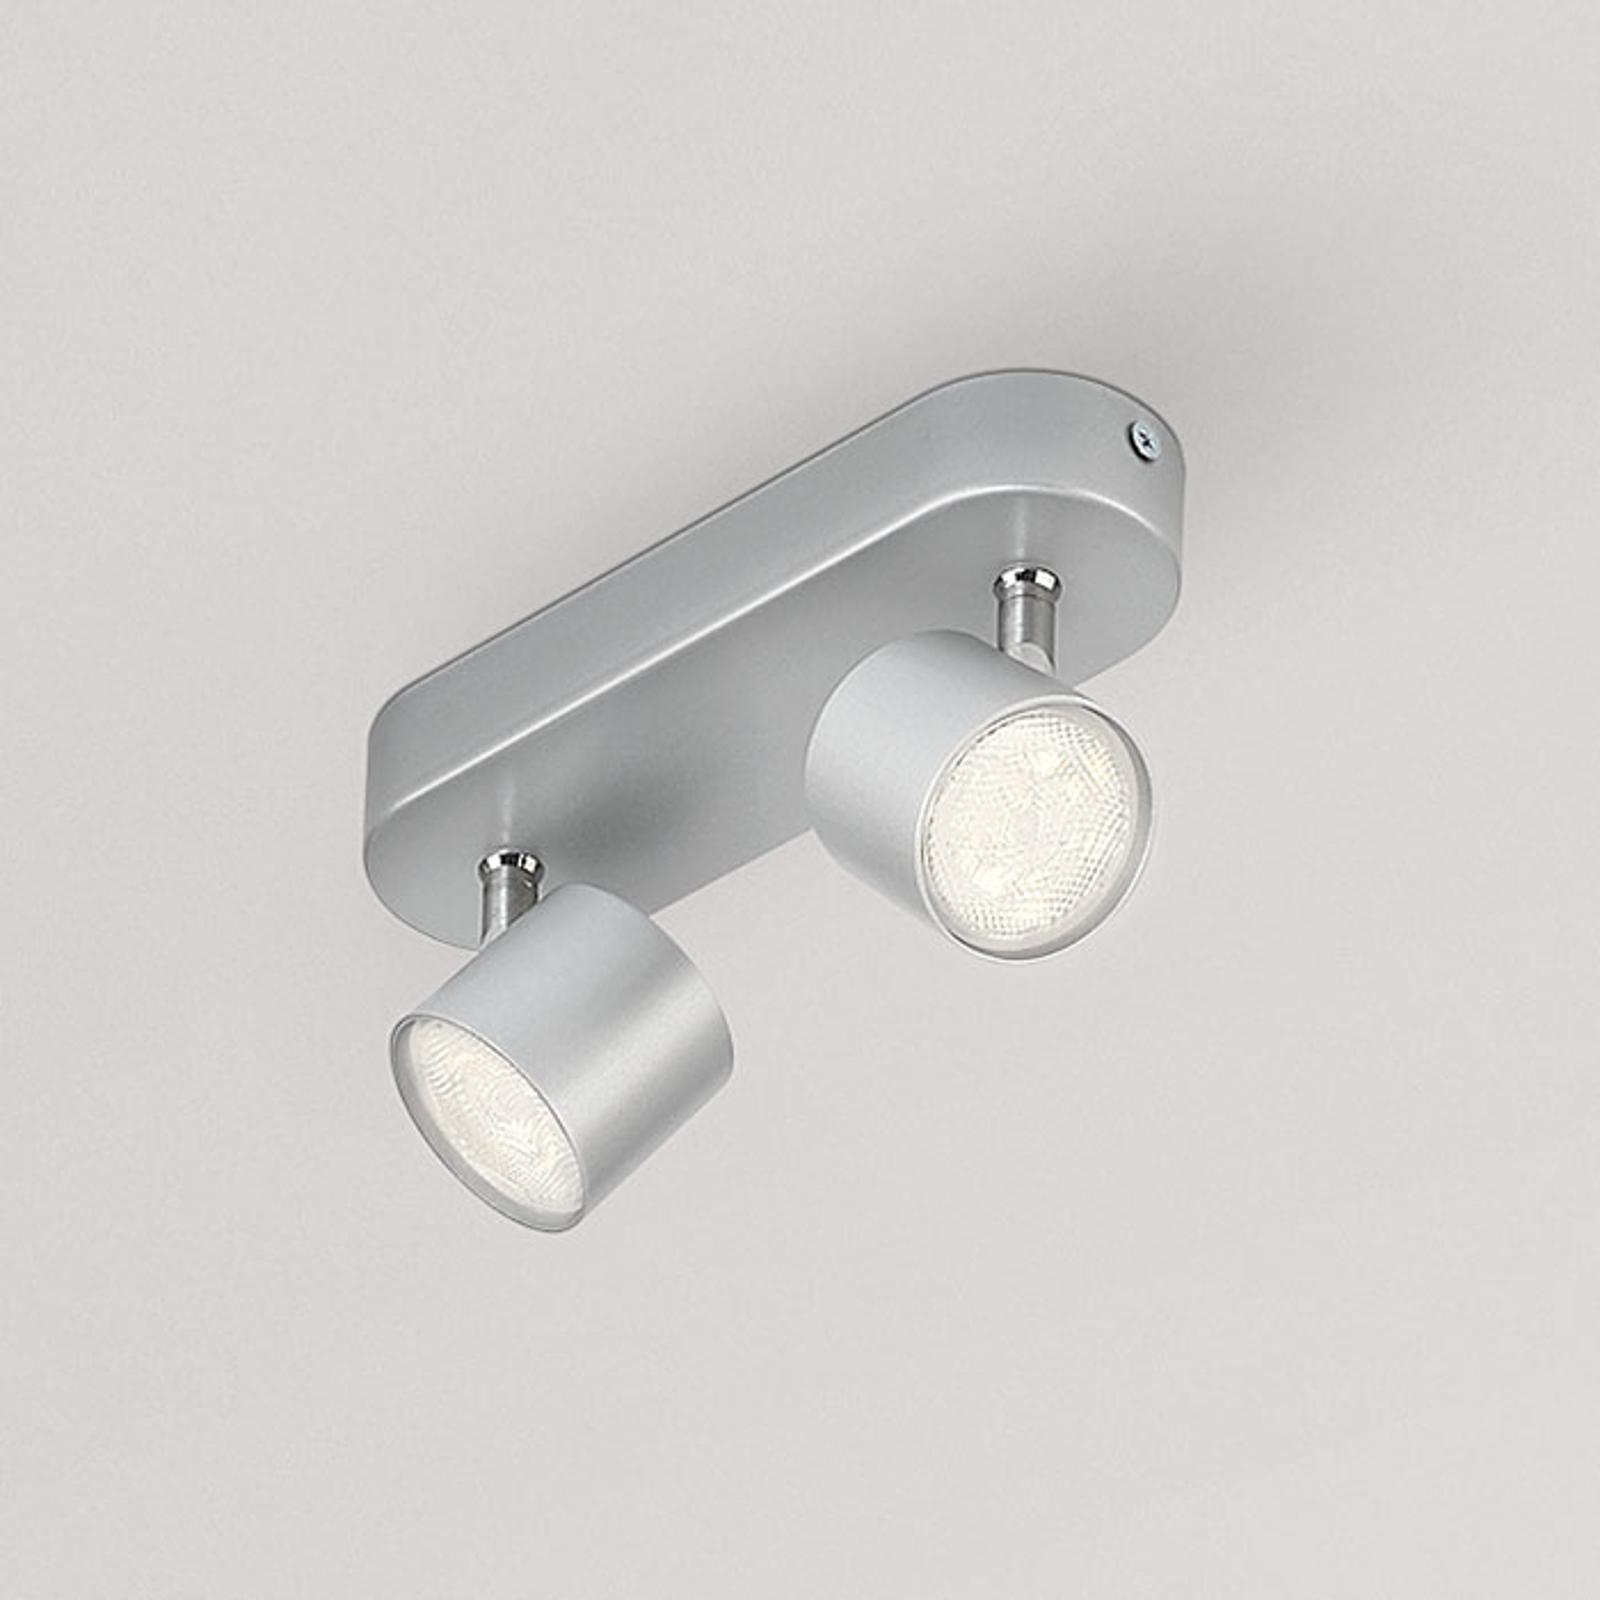 Philips Star schwenkbarer LED-Strahler grau 2flg.